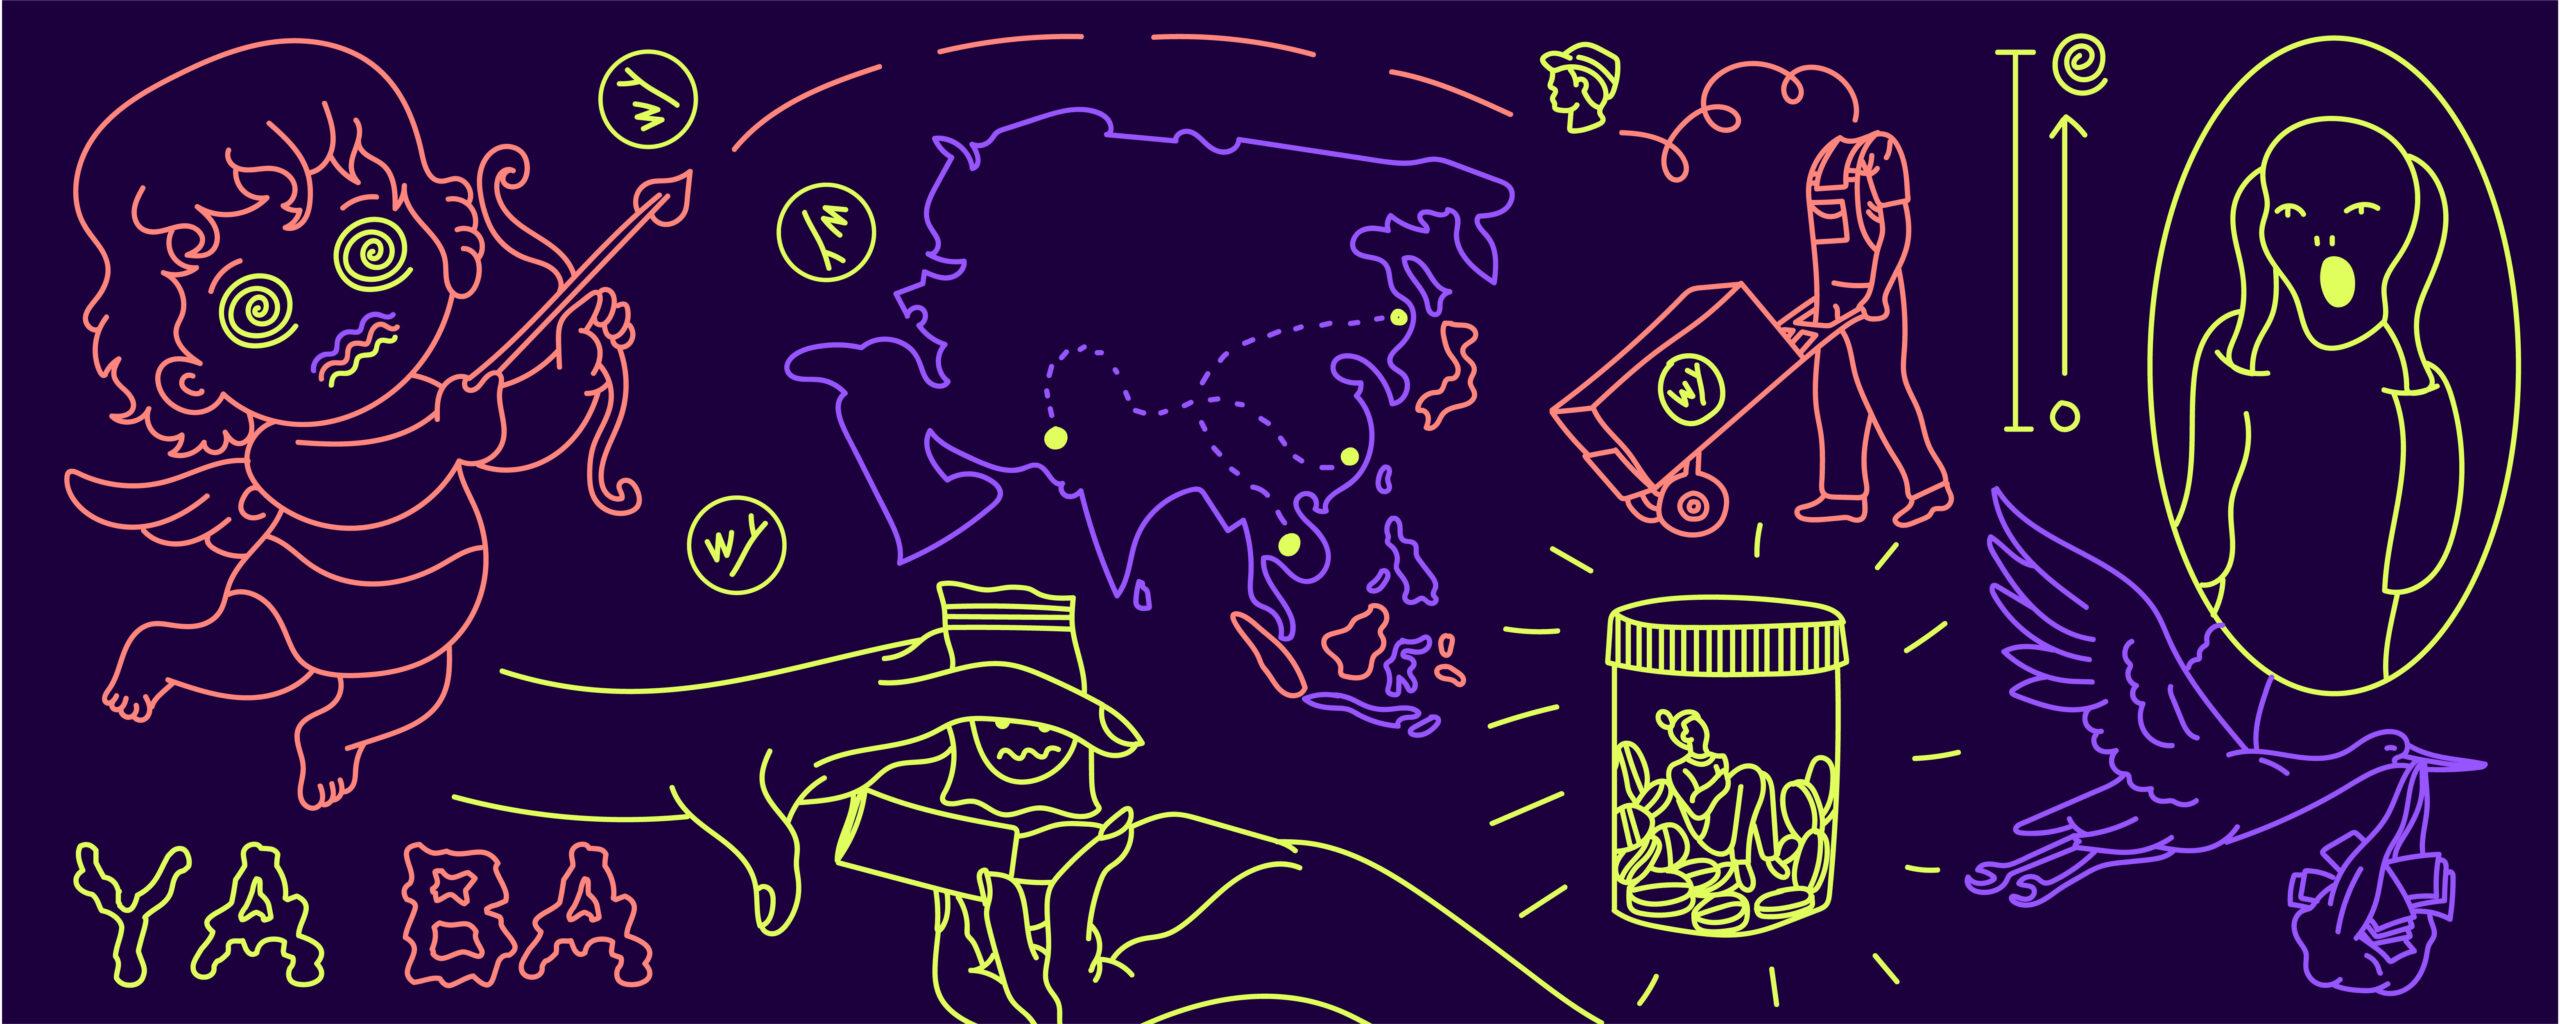 Ya ba daba don't: de nieuwe methamphetamine die Azië in zijn greep houdt